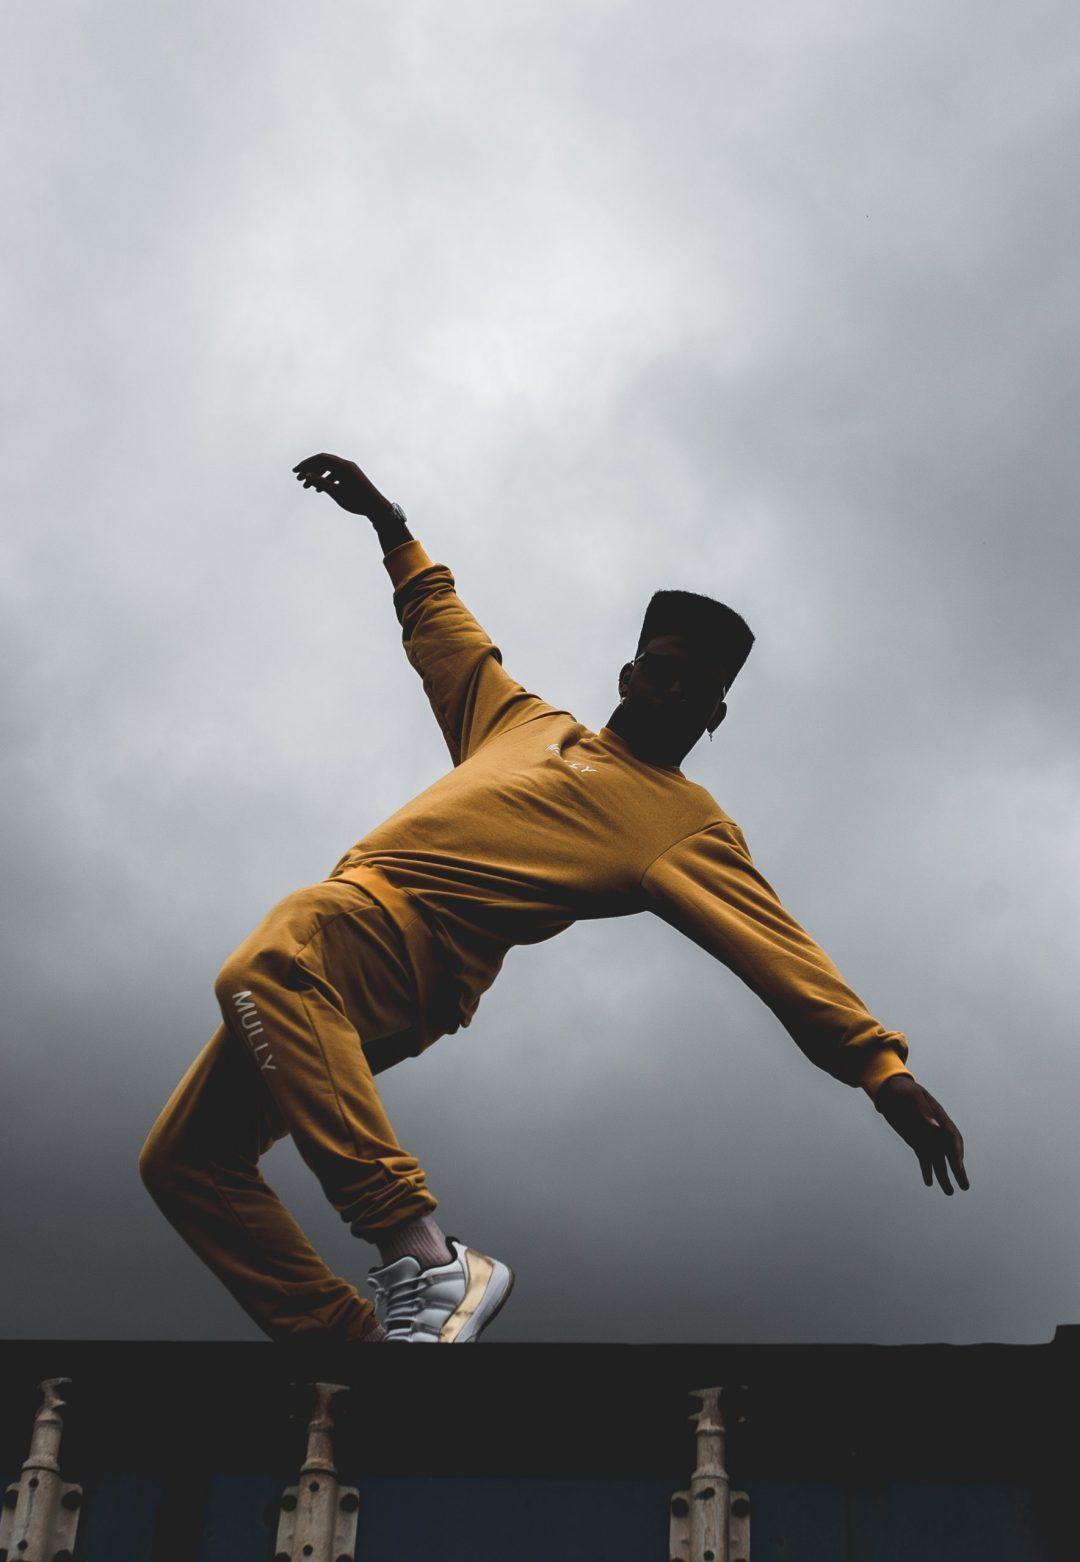 Man Balancing On Wal